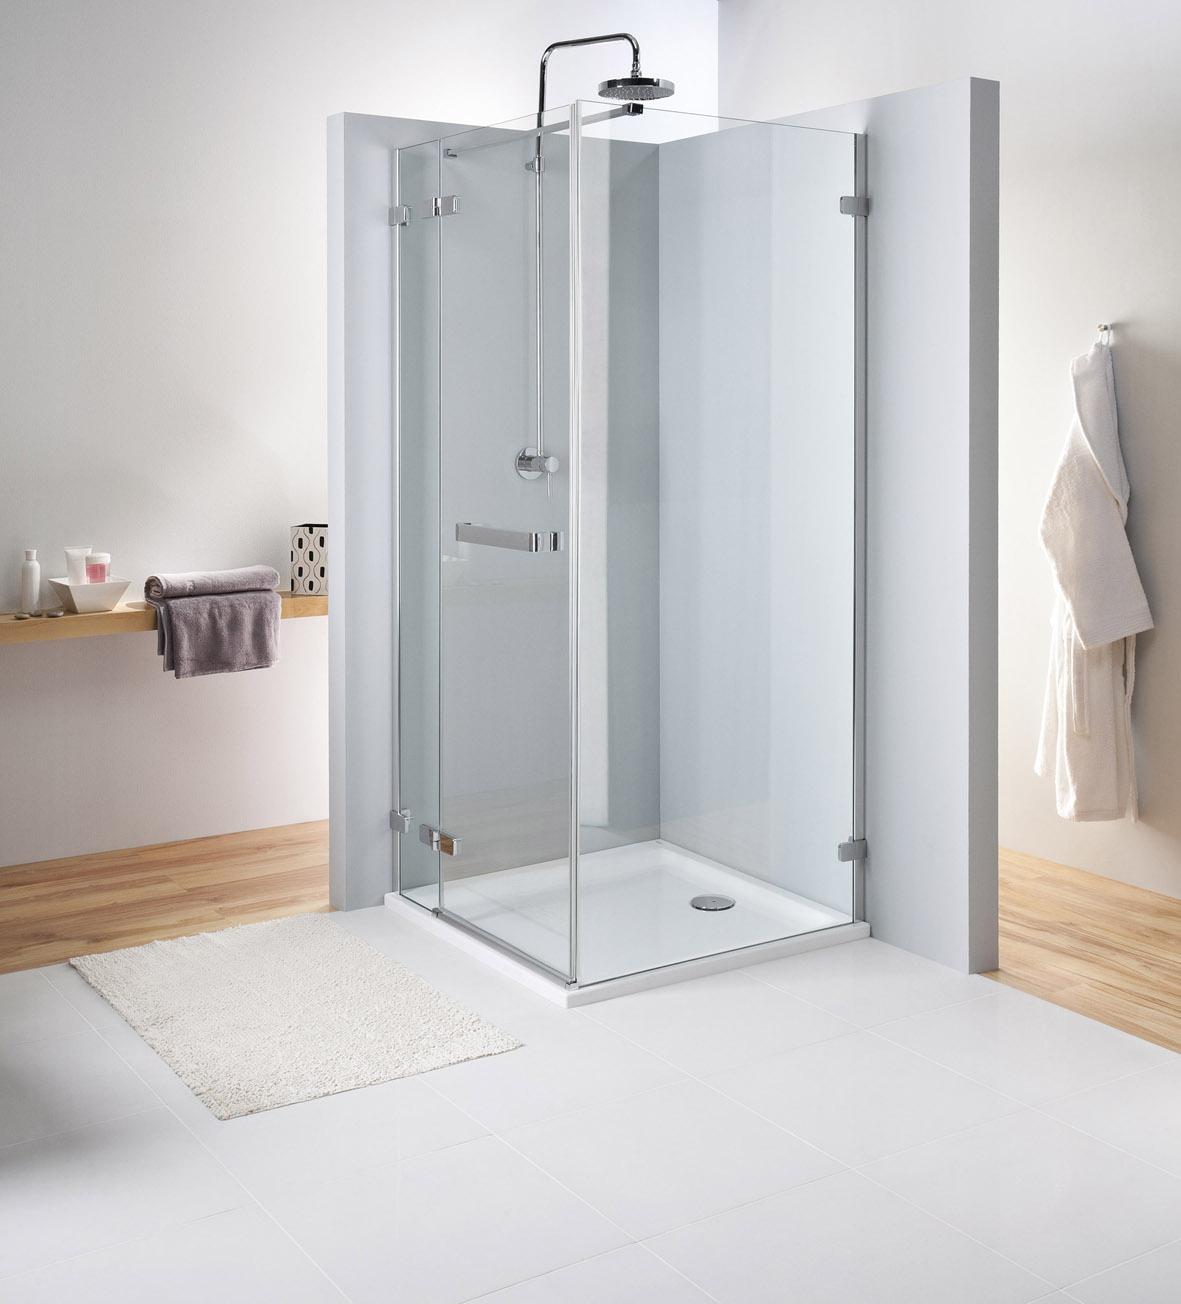 Kolo Next - křídlové dveře 100 cm, s madlem, pro kombinaci s pevnou boční stěnou, sklo čiré, stříbrná lesklá HDSF10222R03 L/R